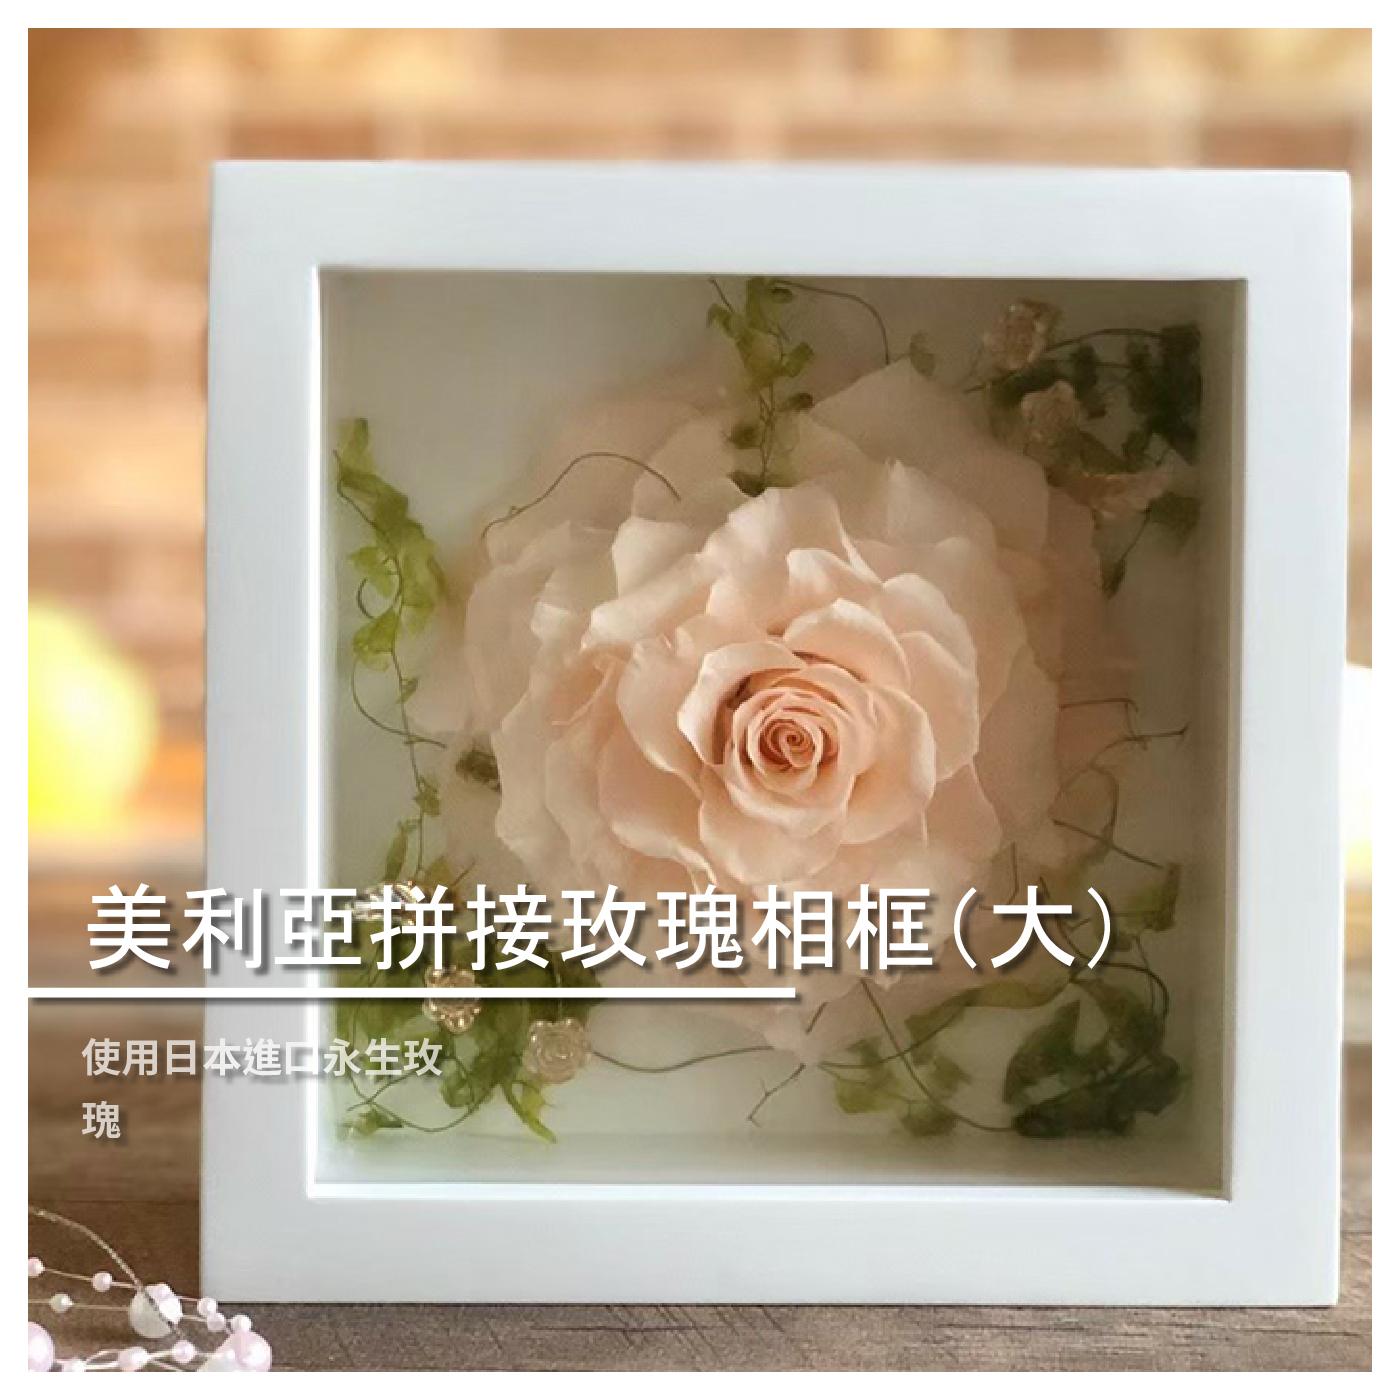 【花想容Flower Appearance】美利亞拼接玫瑰相框(大)/永生花/乾燥花/園藝/交換禮物/情人節禮物